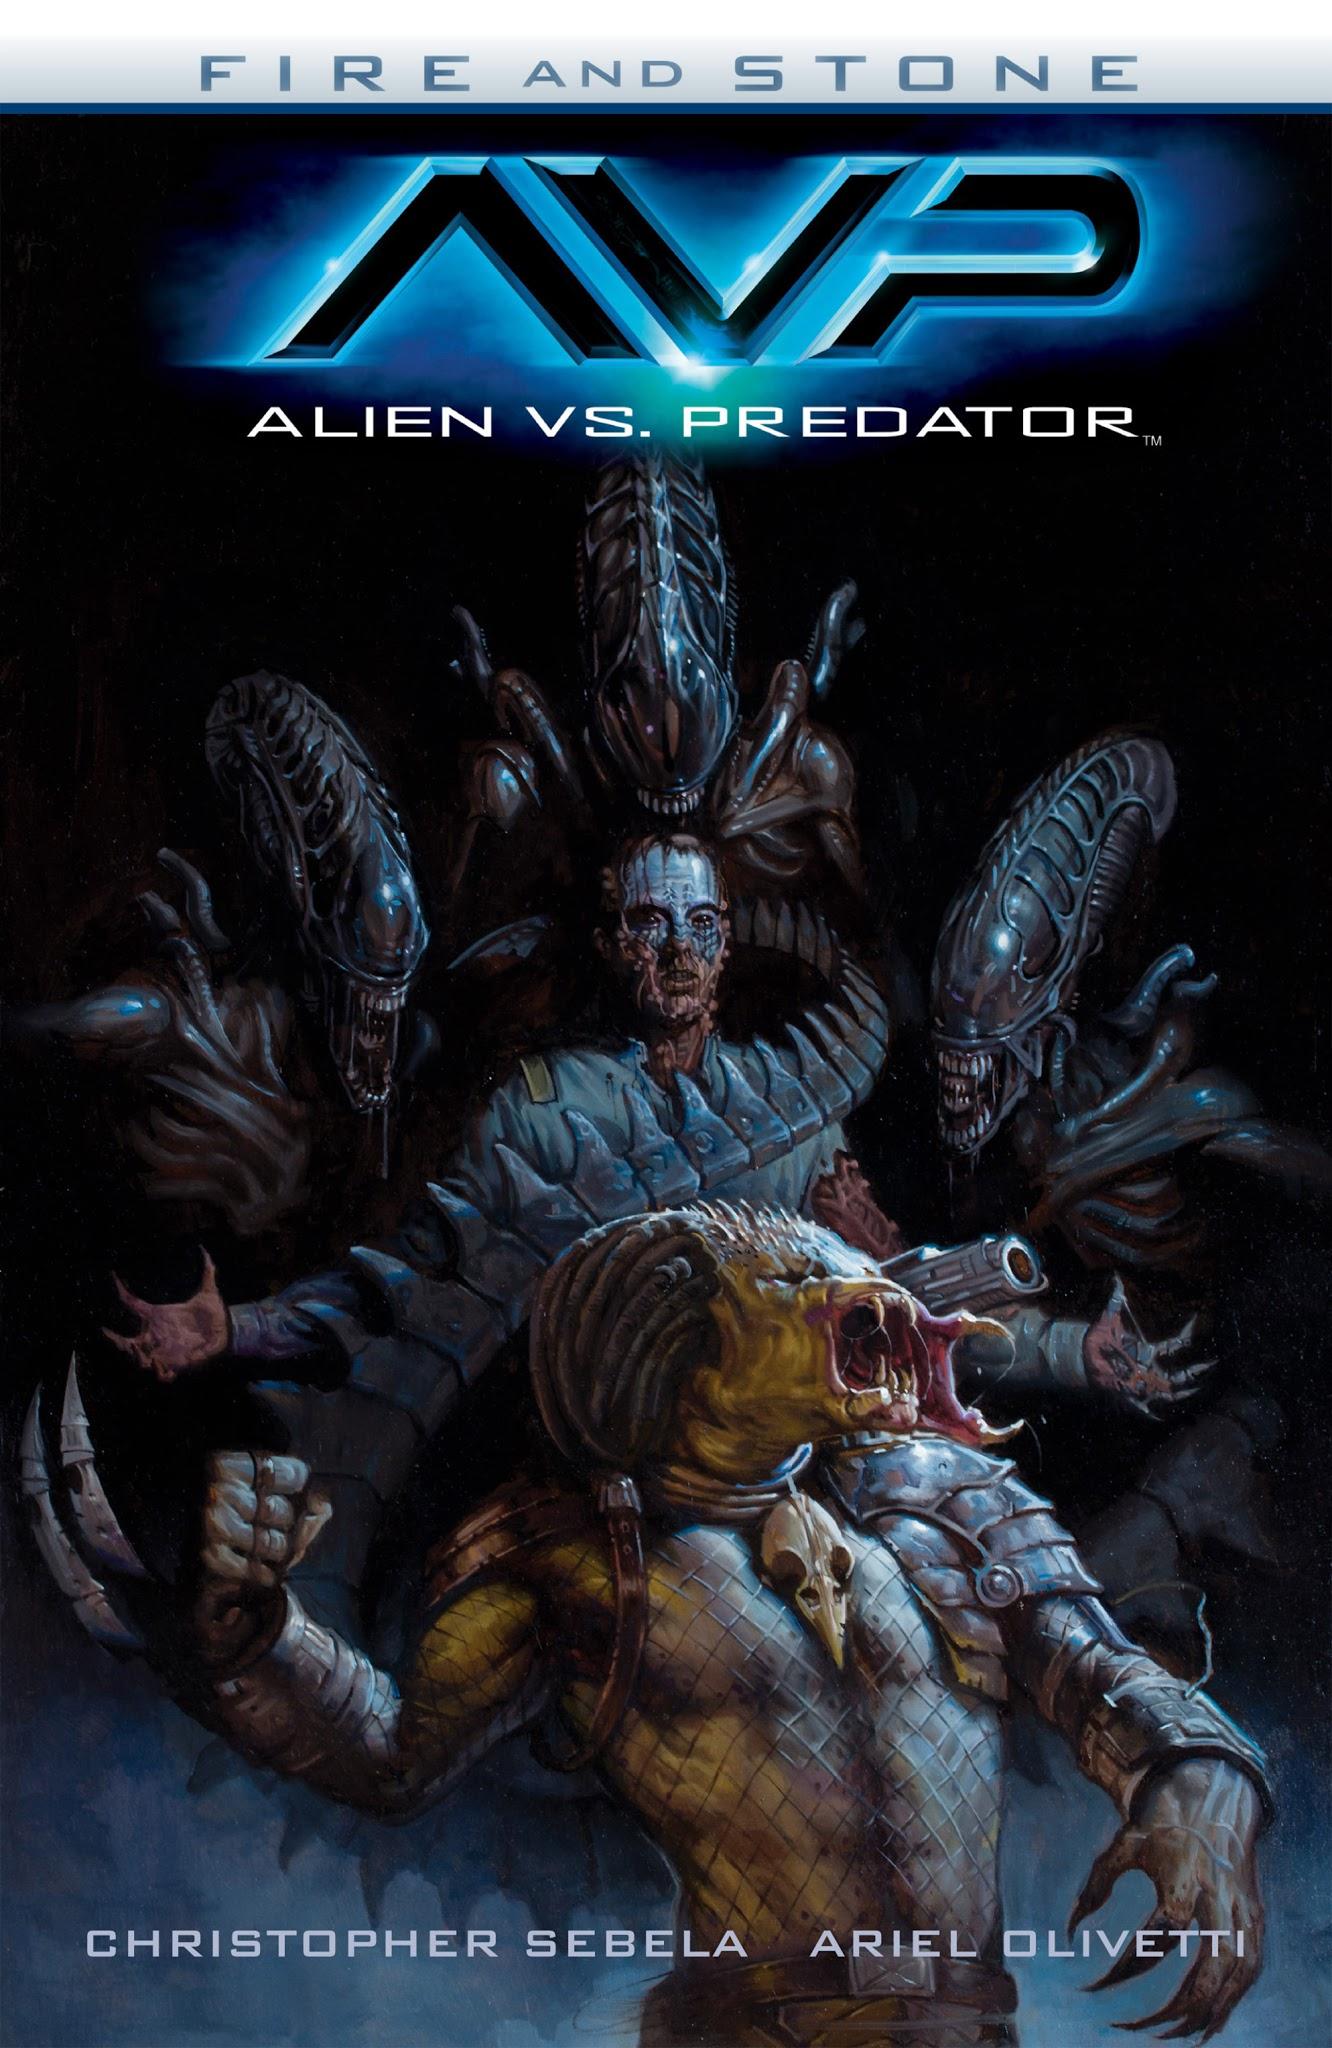 Alien vs. Predator: Fire and Stone _TPB Page 1